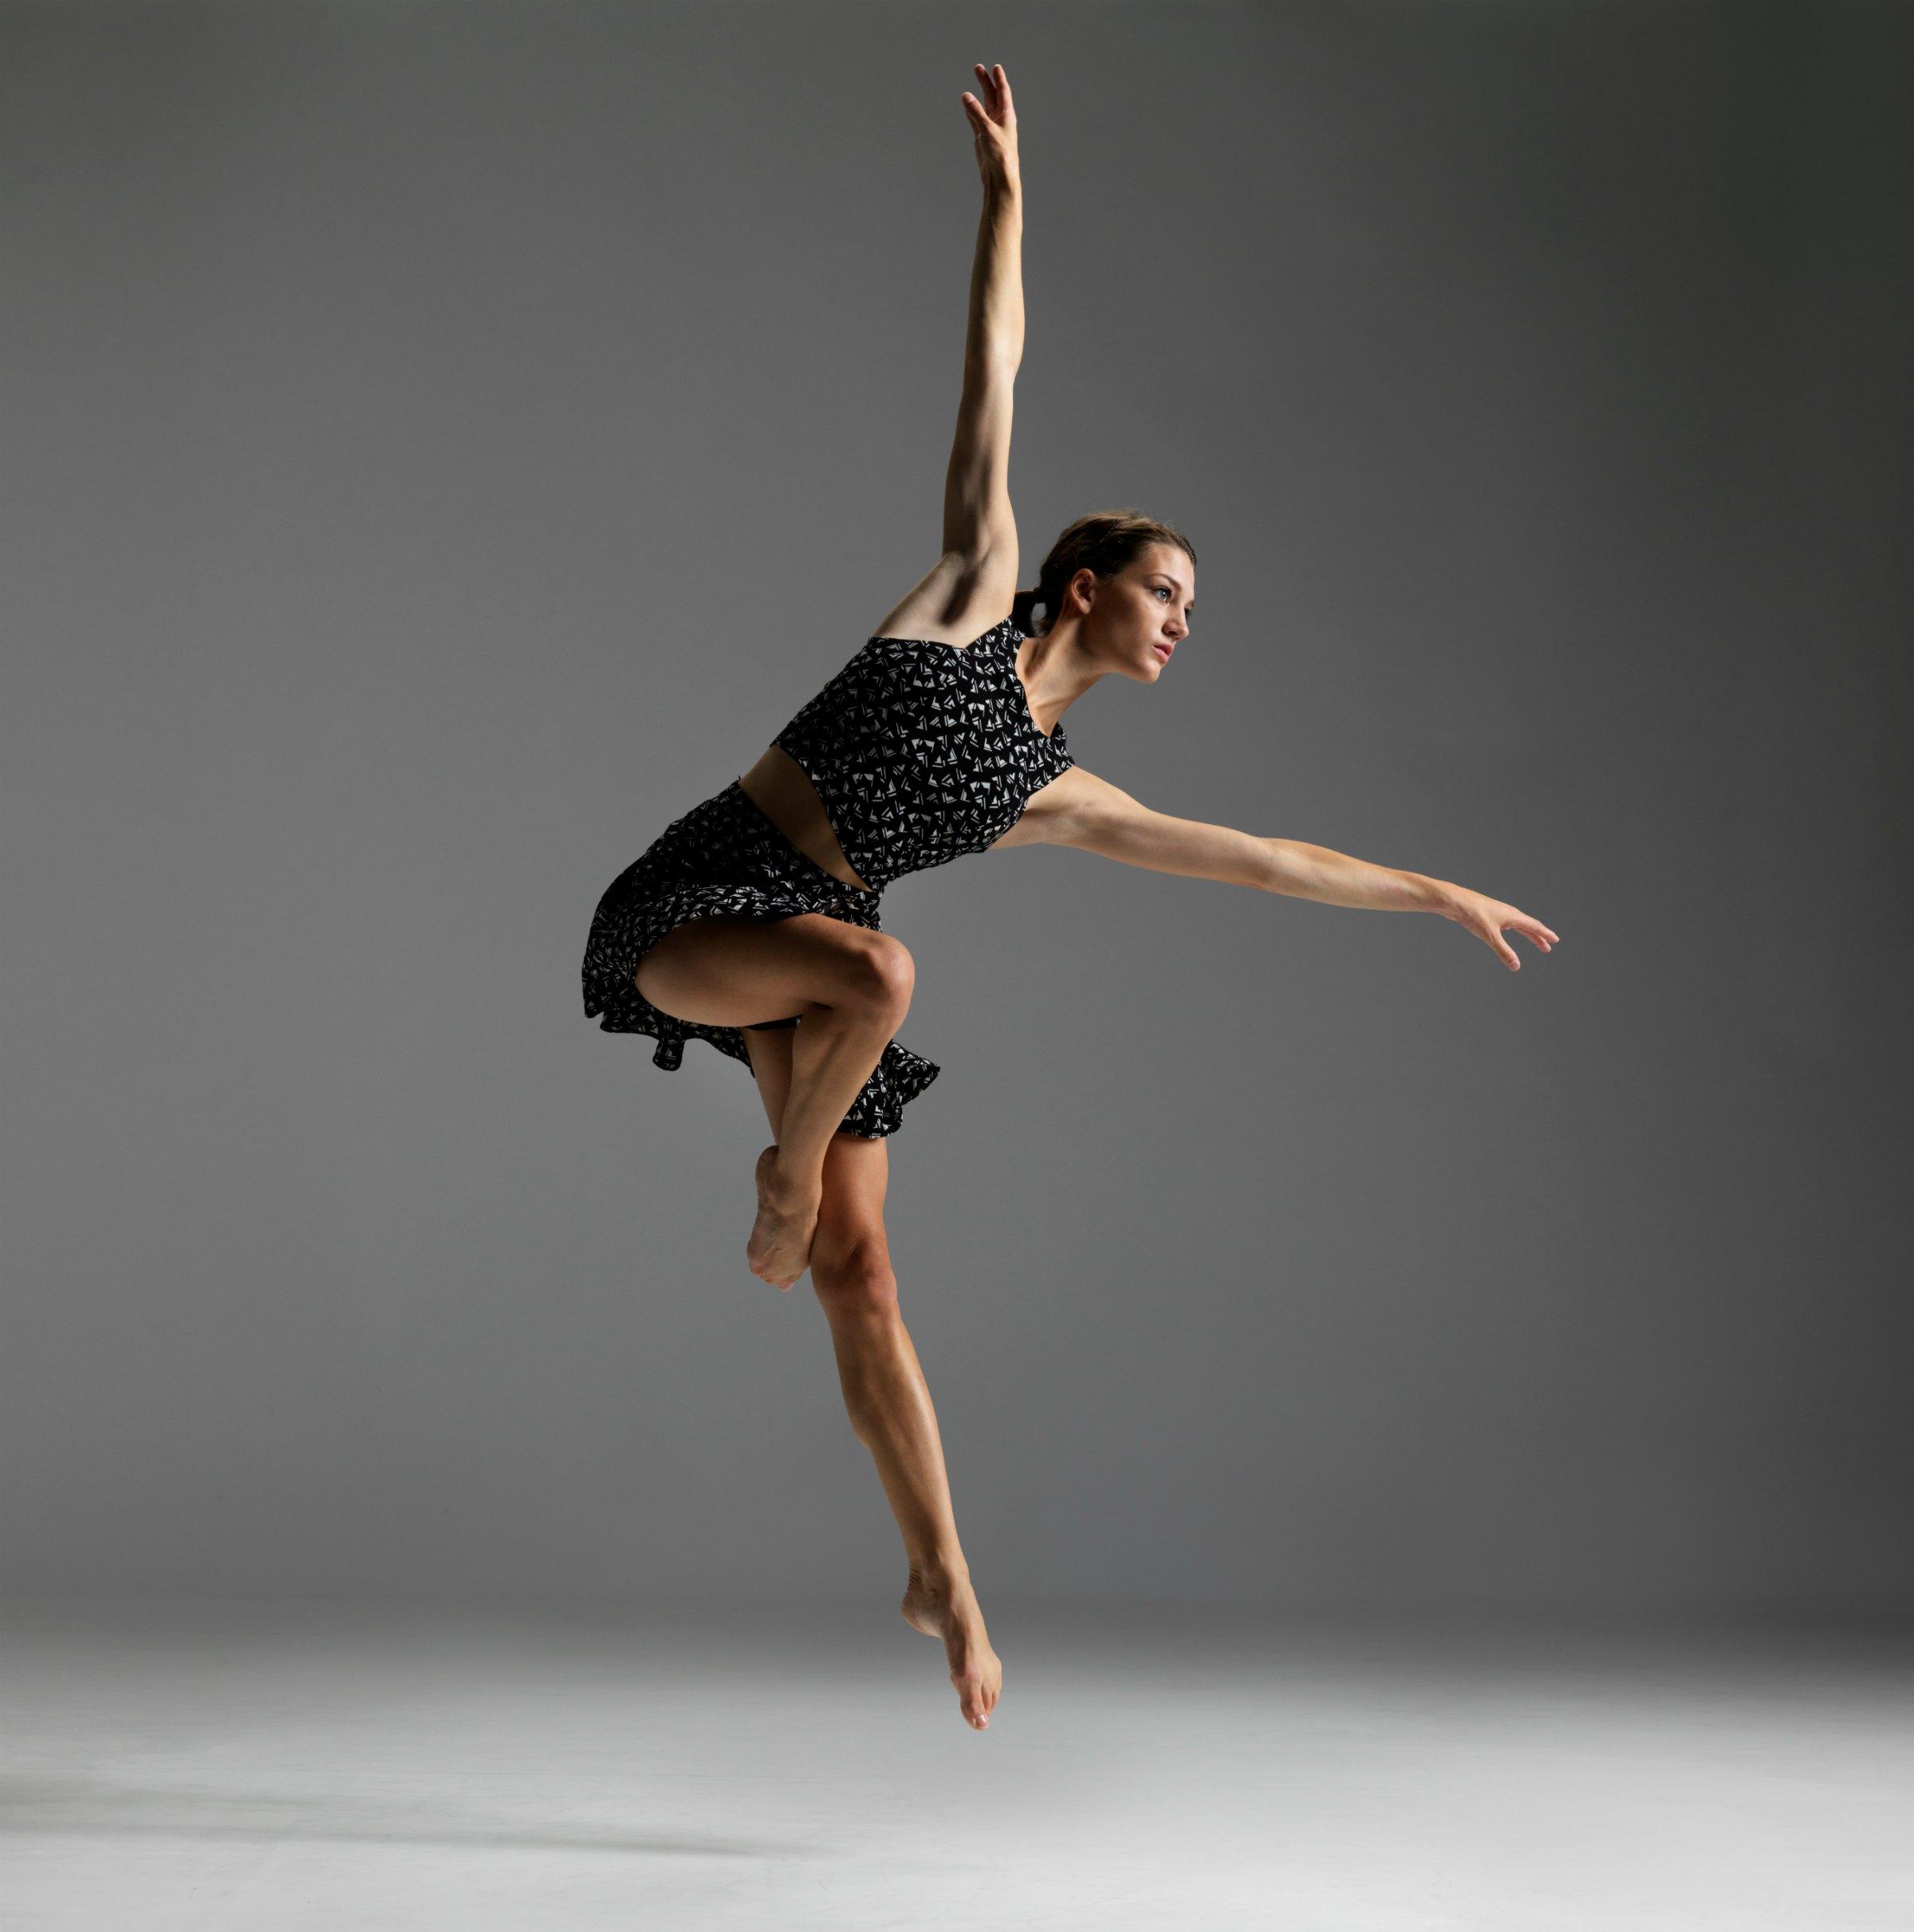 DANCER: SOPHIE BRASSARD   PHOTO: DAVID COOPER